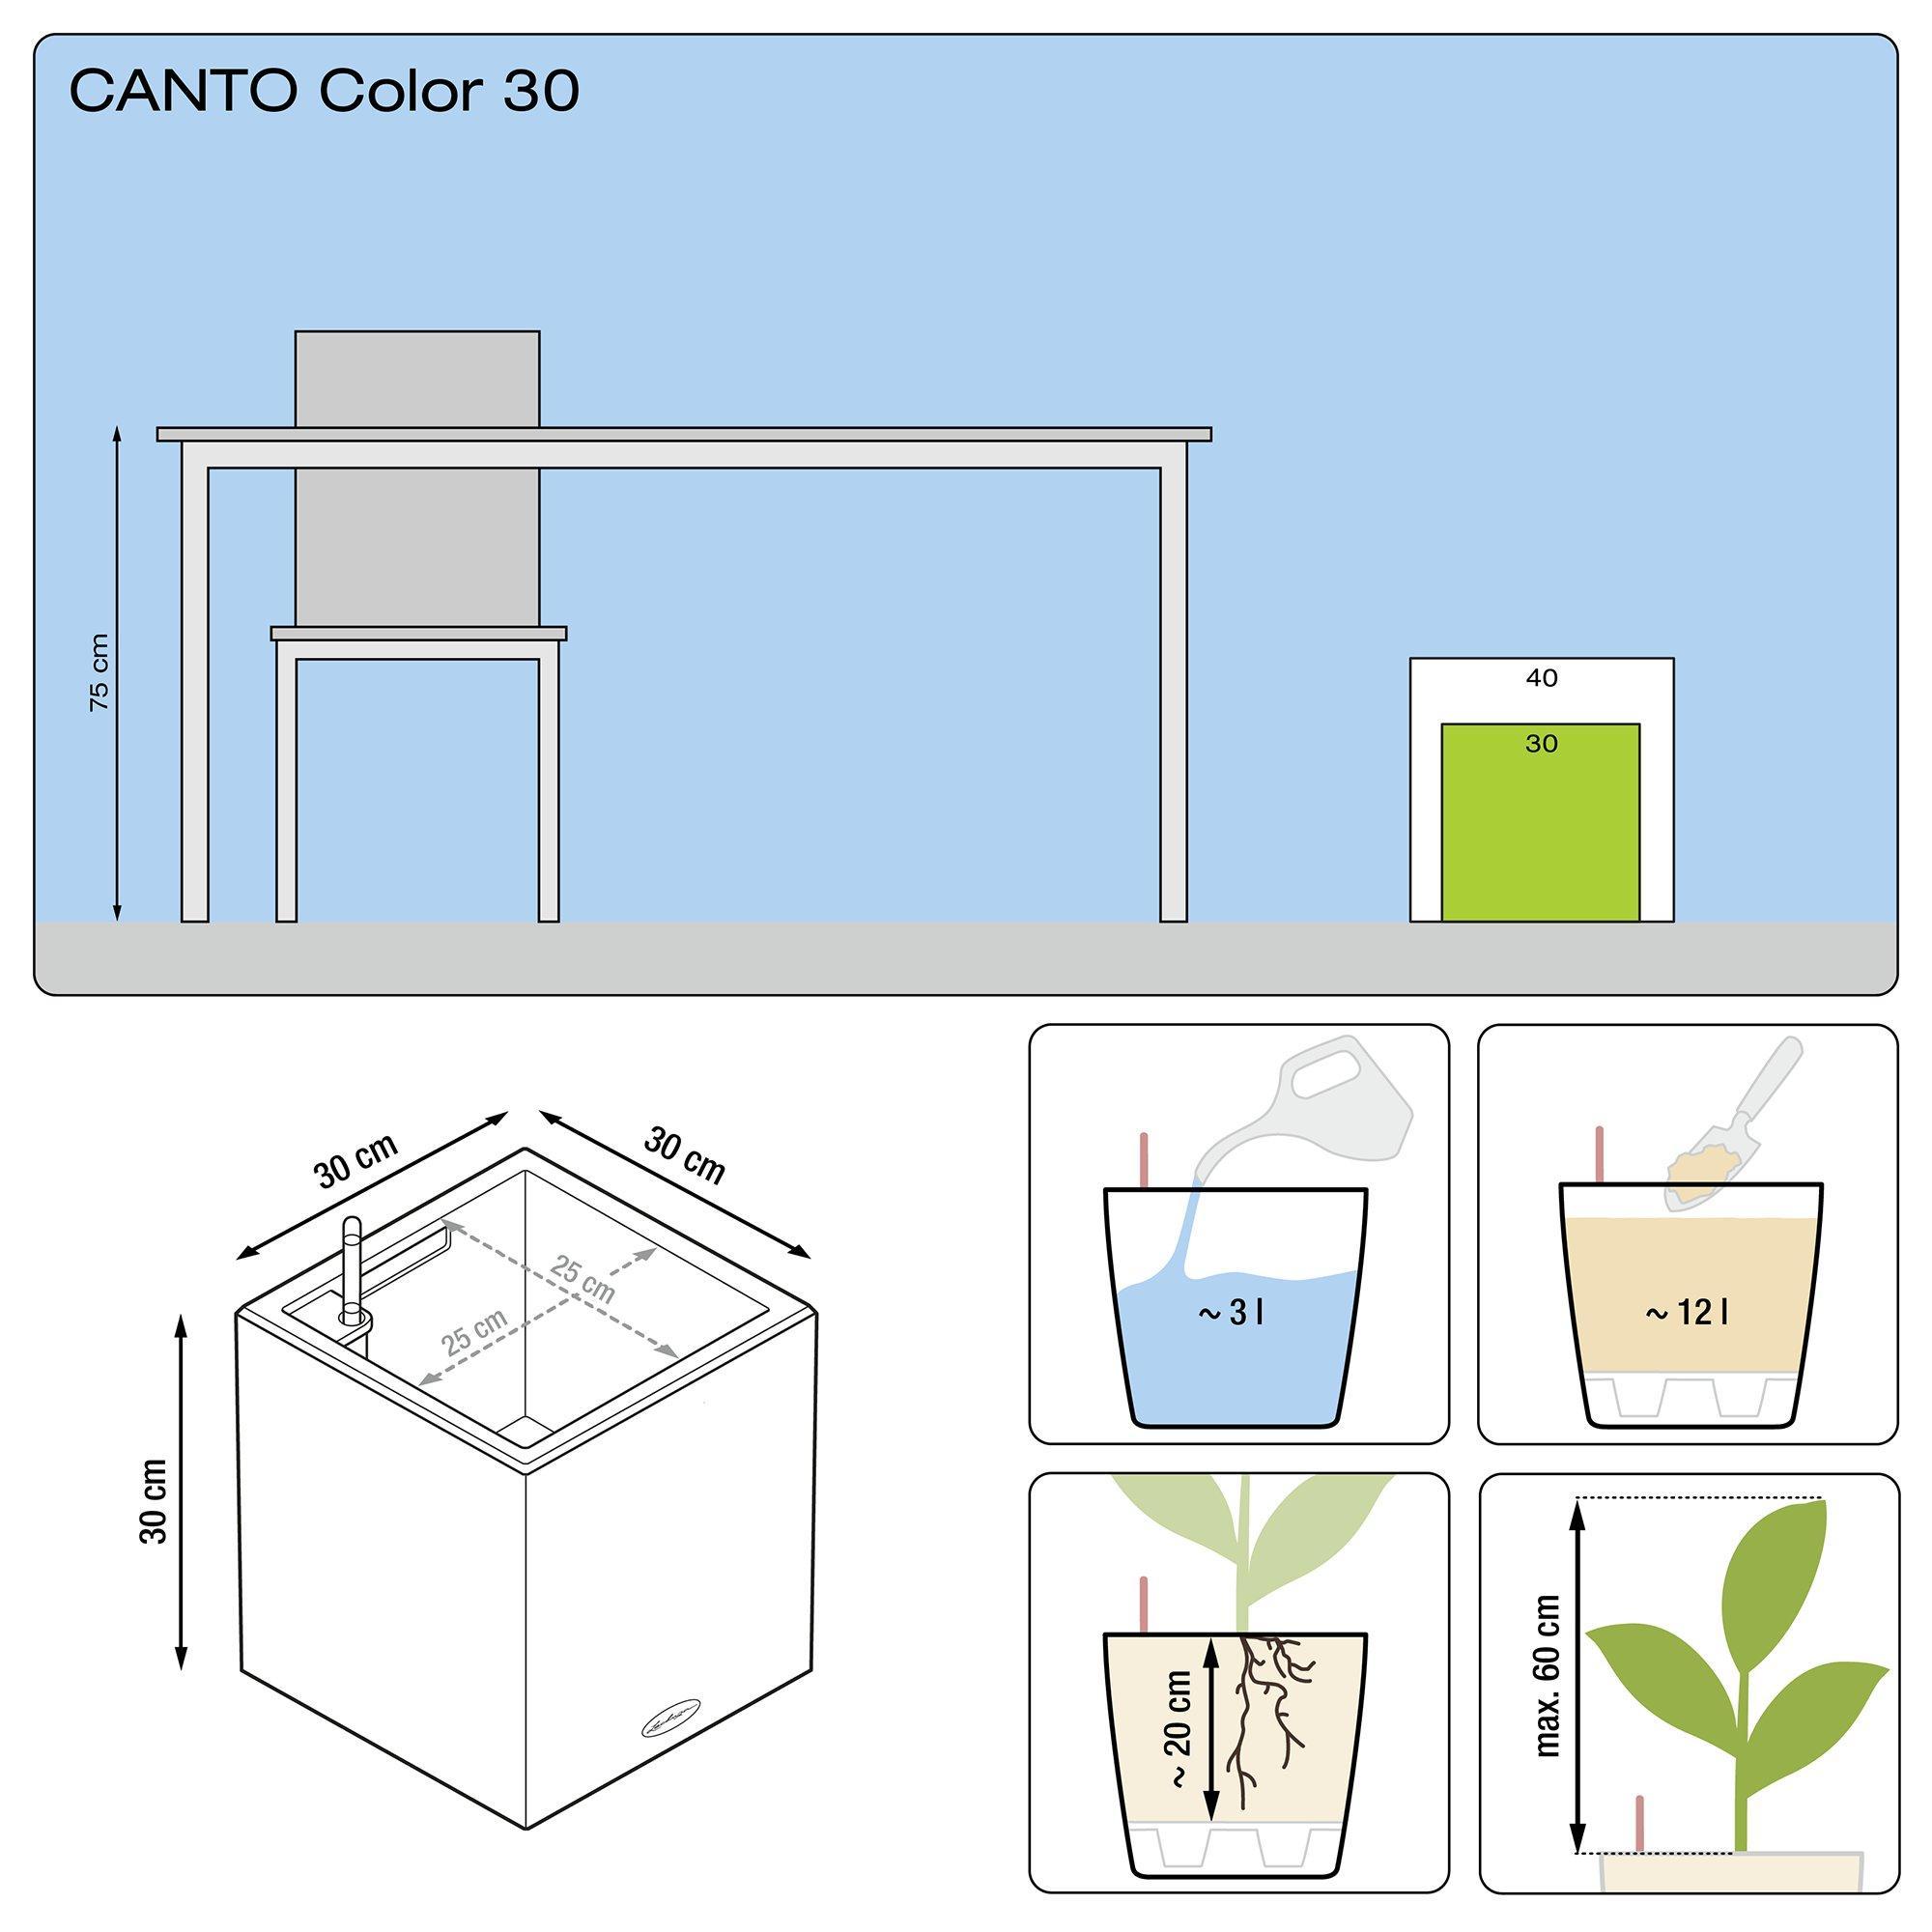 le_canto-color-wuerfel30_product_addi_nz